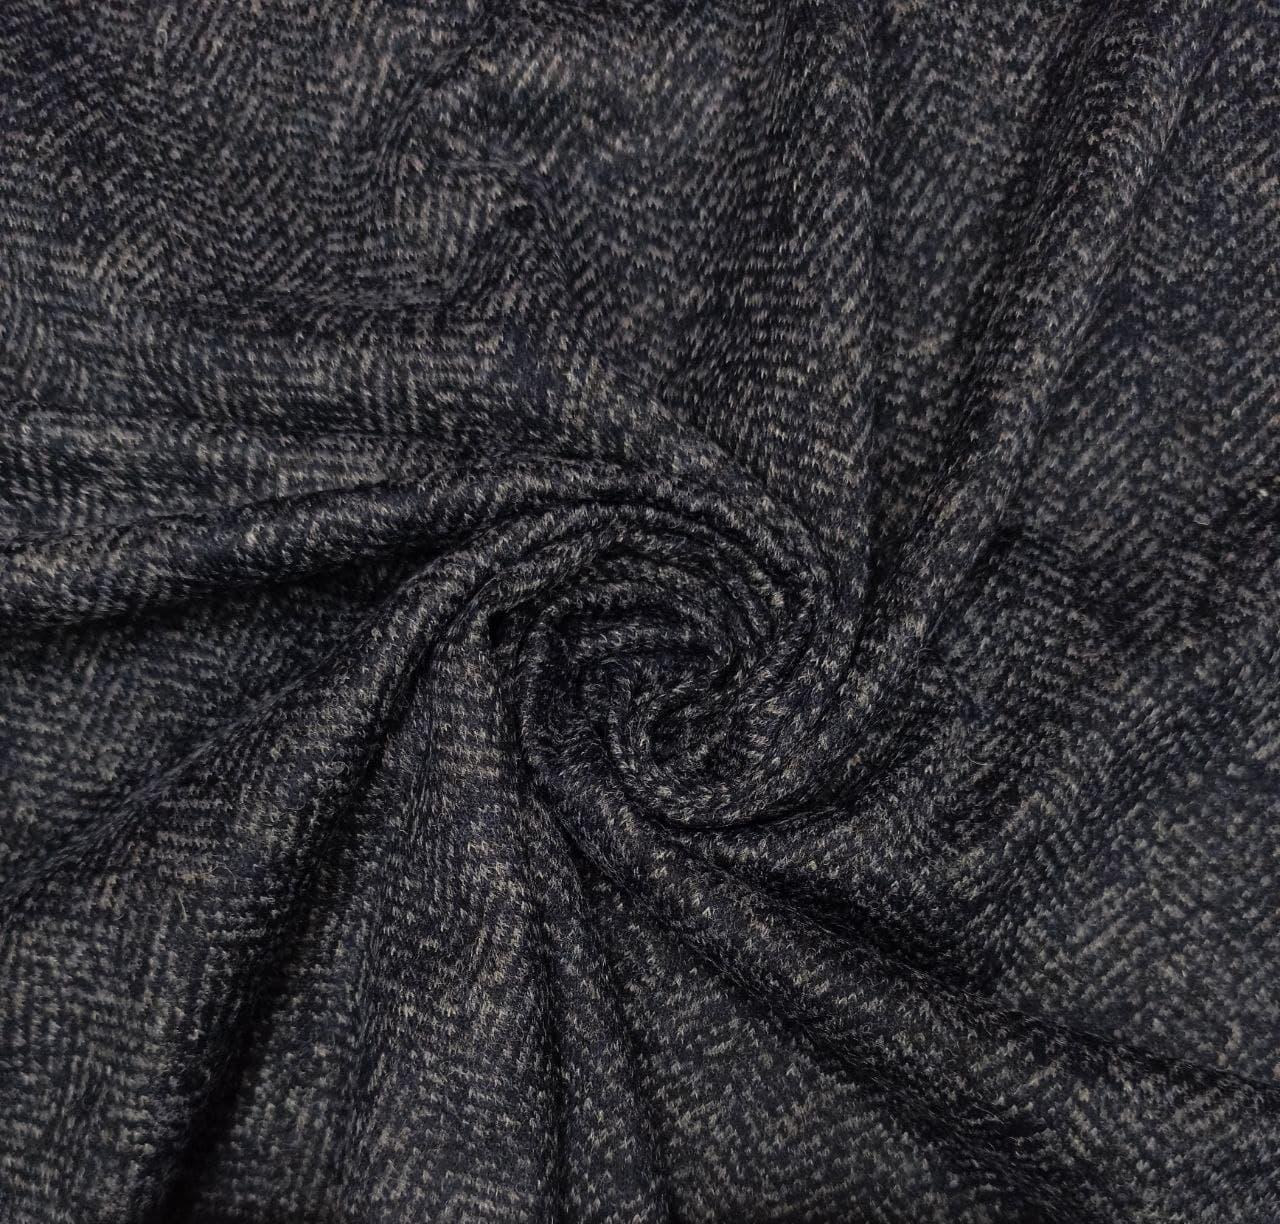 Ткань трикотаж итальянский купить в колер для ткани купить